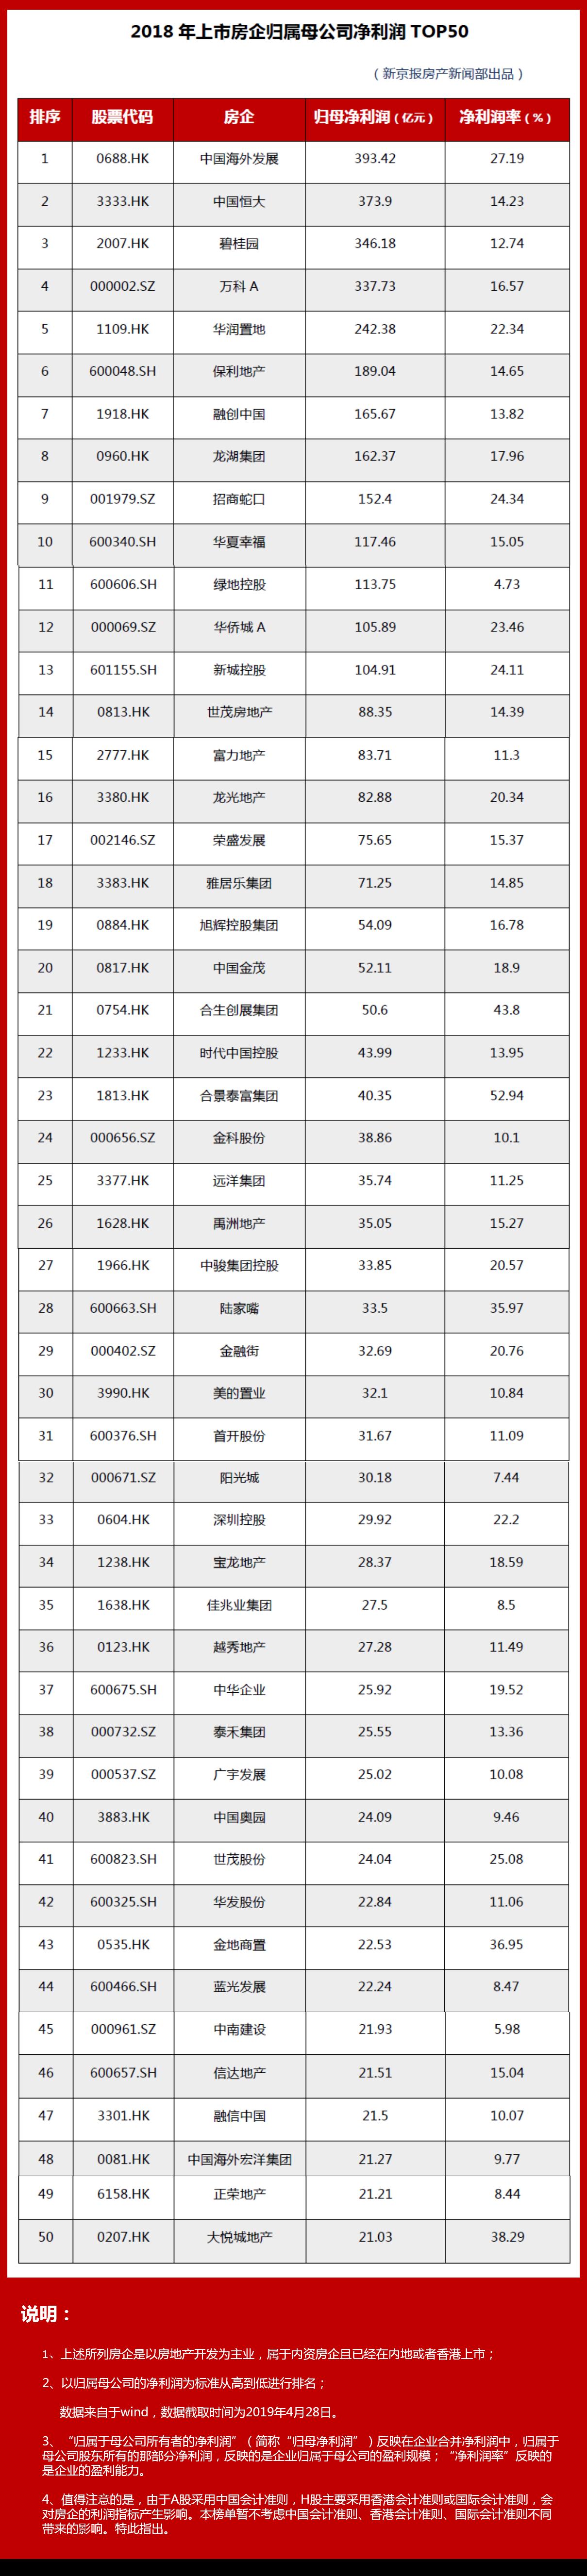 【2018哪些房企最赚钱?中海仍第一,浙系房企未上榜】 2018年是农历什么年